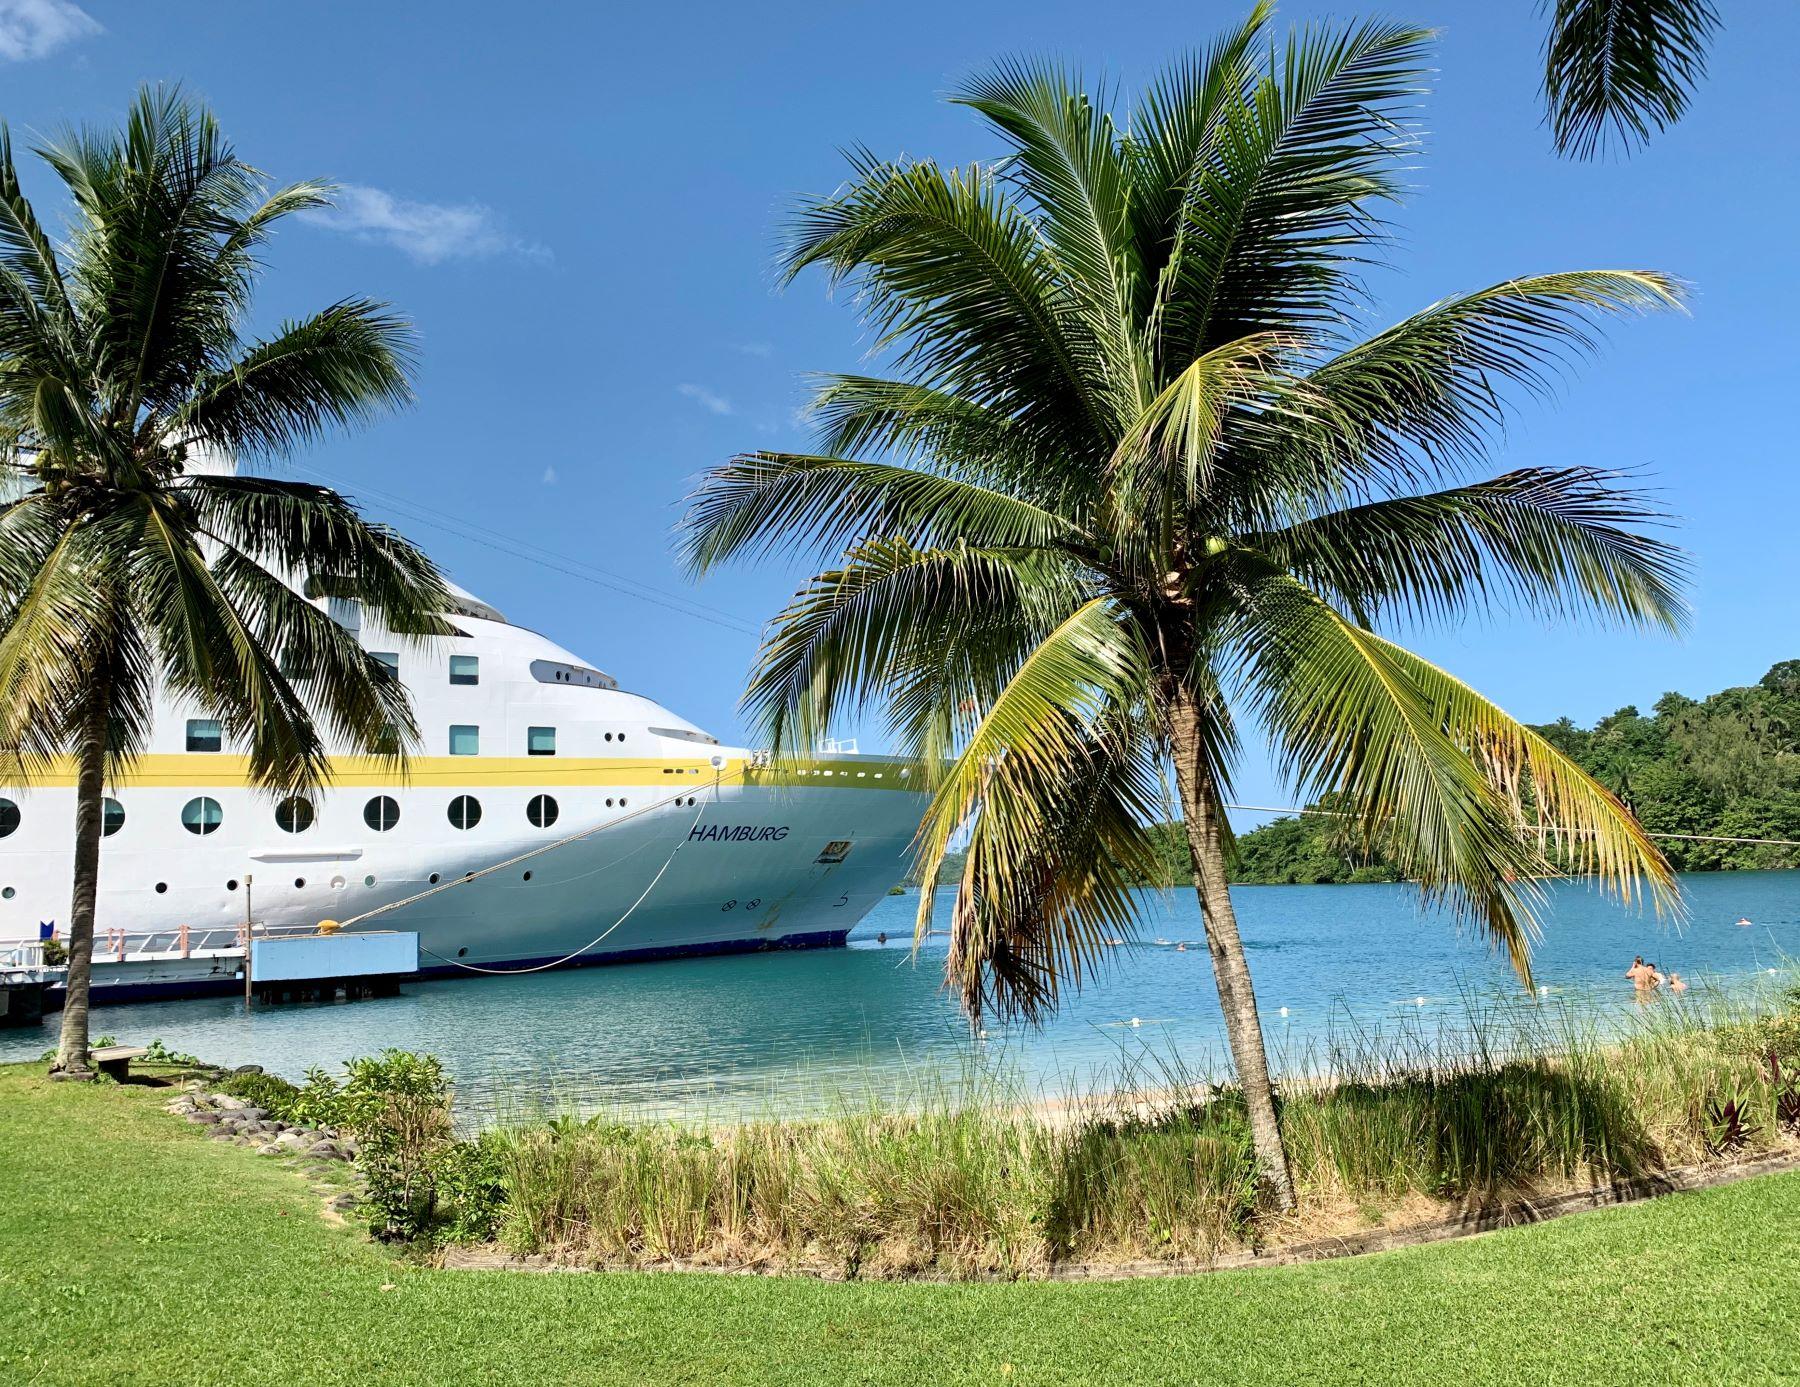 Ganz nah dran: Die MS Hamburg im Hafen von Port Antonio auf Jamaika. Direkt davor kann man baden.